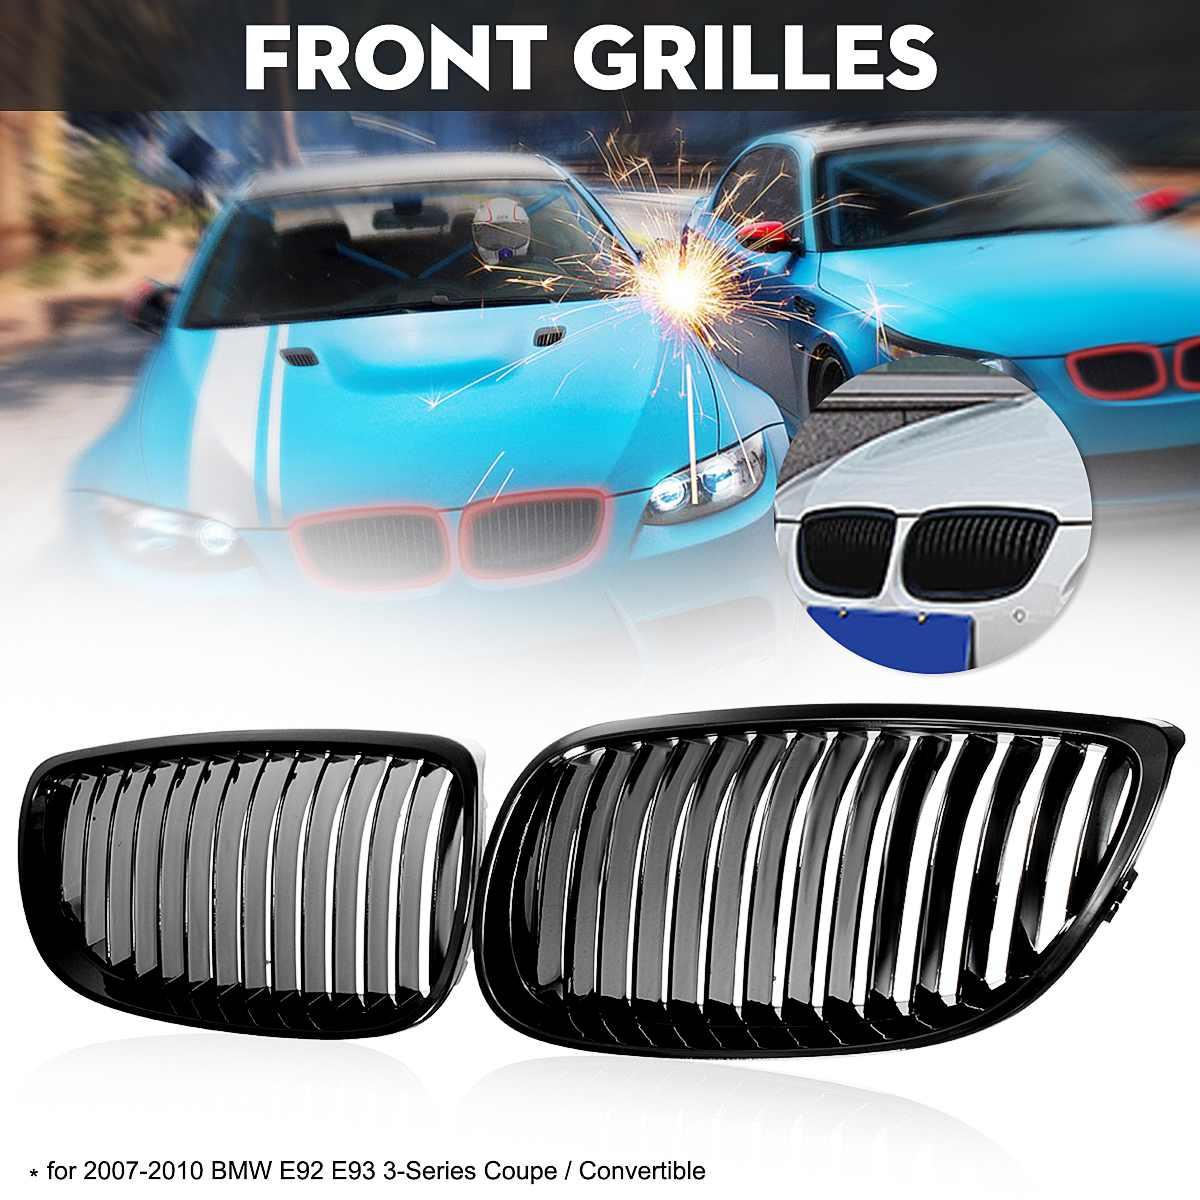 ABS пара спереди почек черный глянец бампер решетка грили для BMW 3 серии E92 купе и E93 Кабриолет 2007 2008 2009 2010